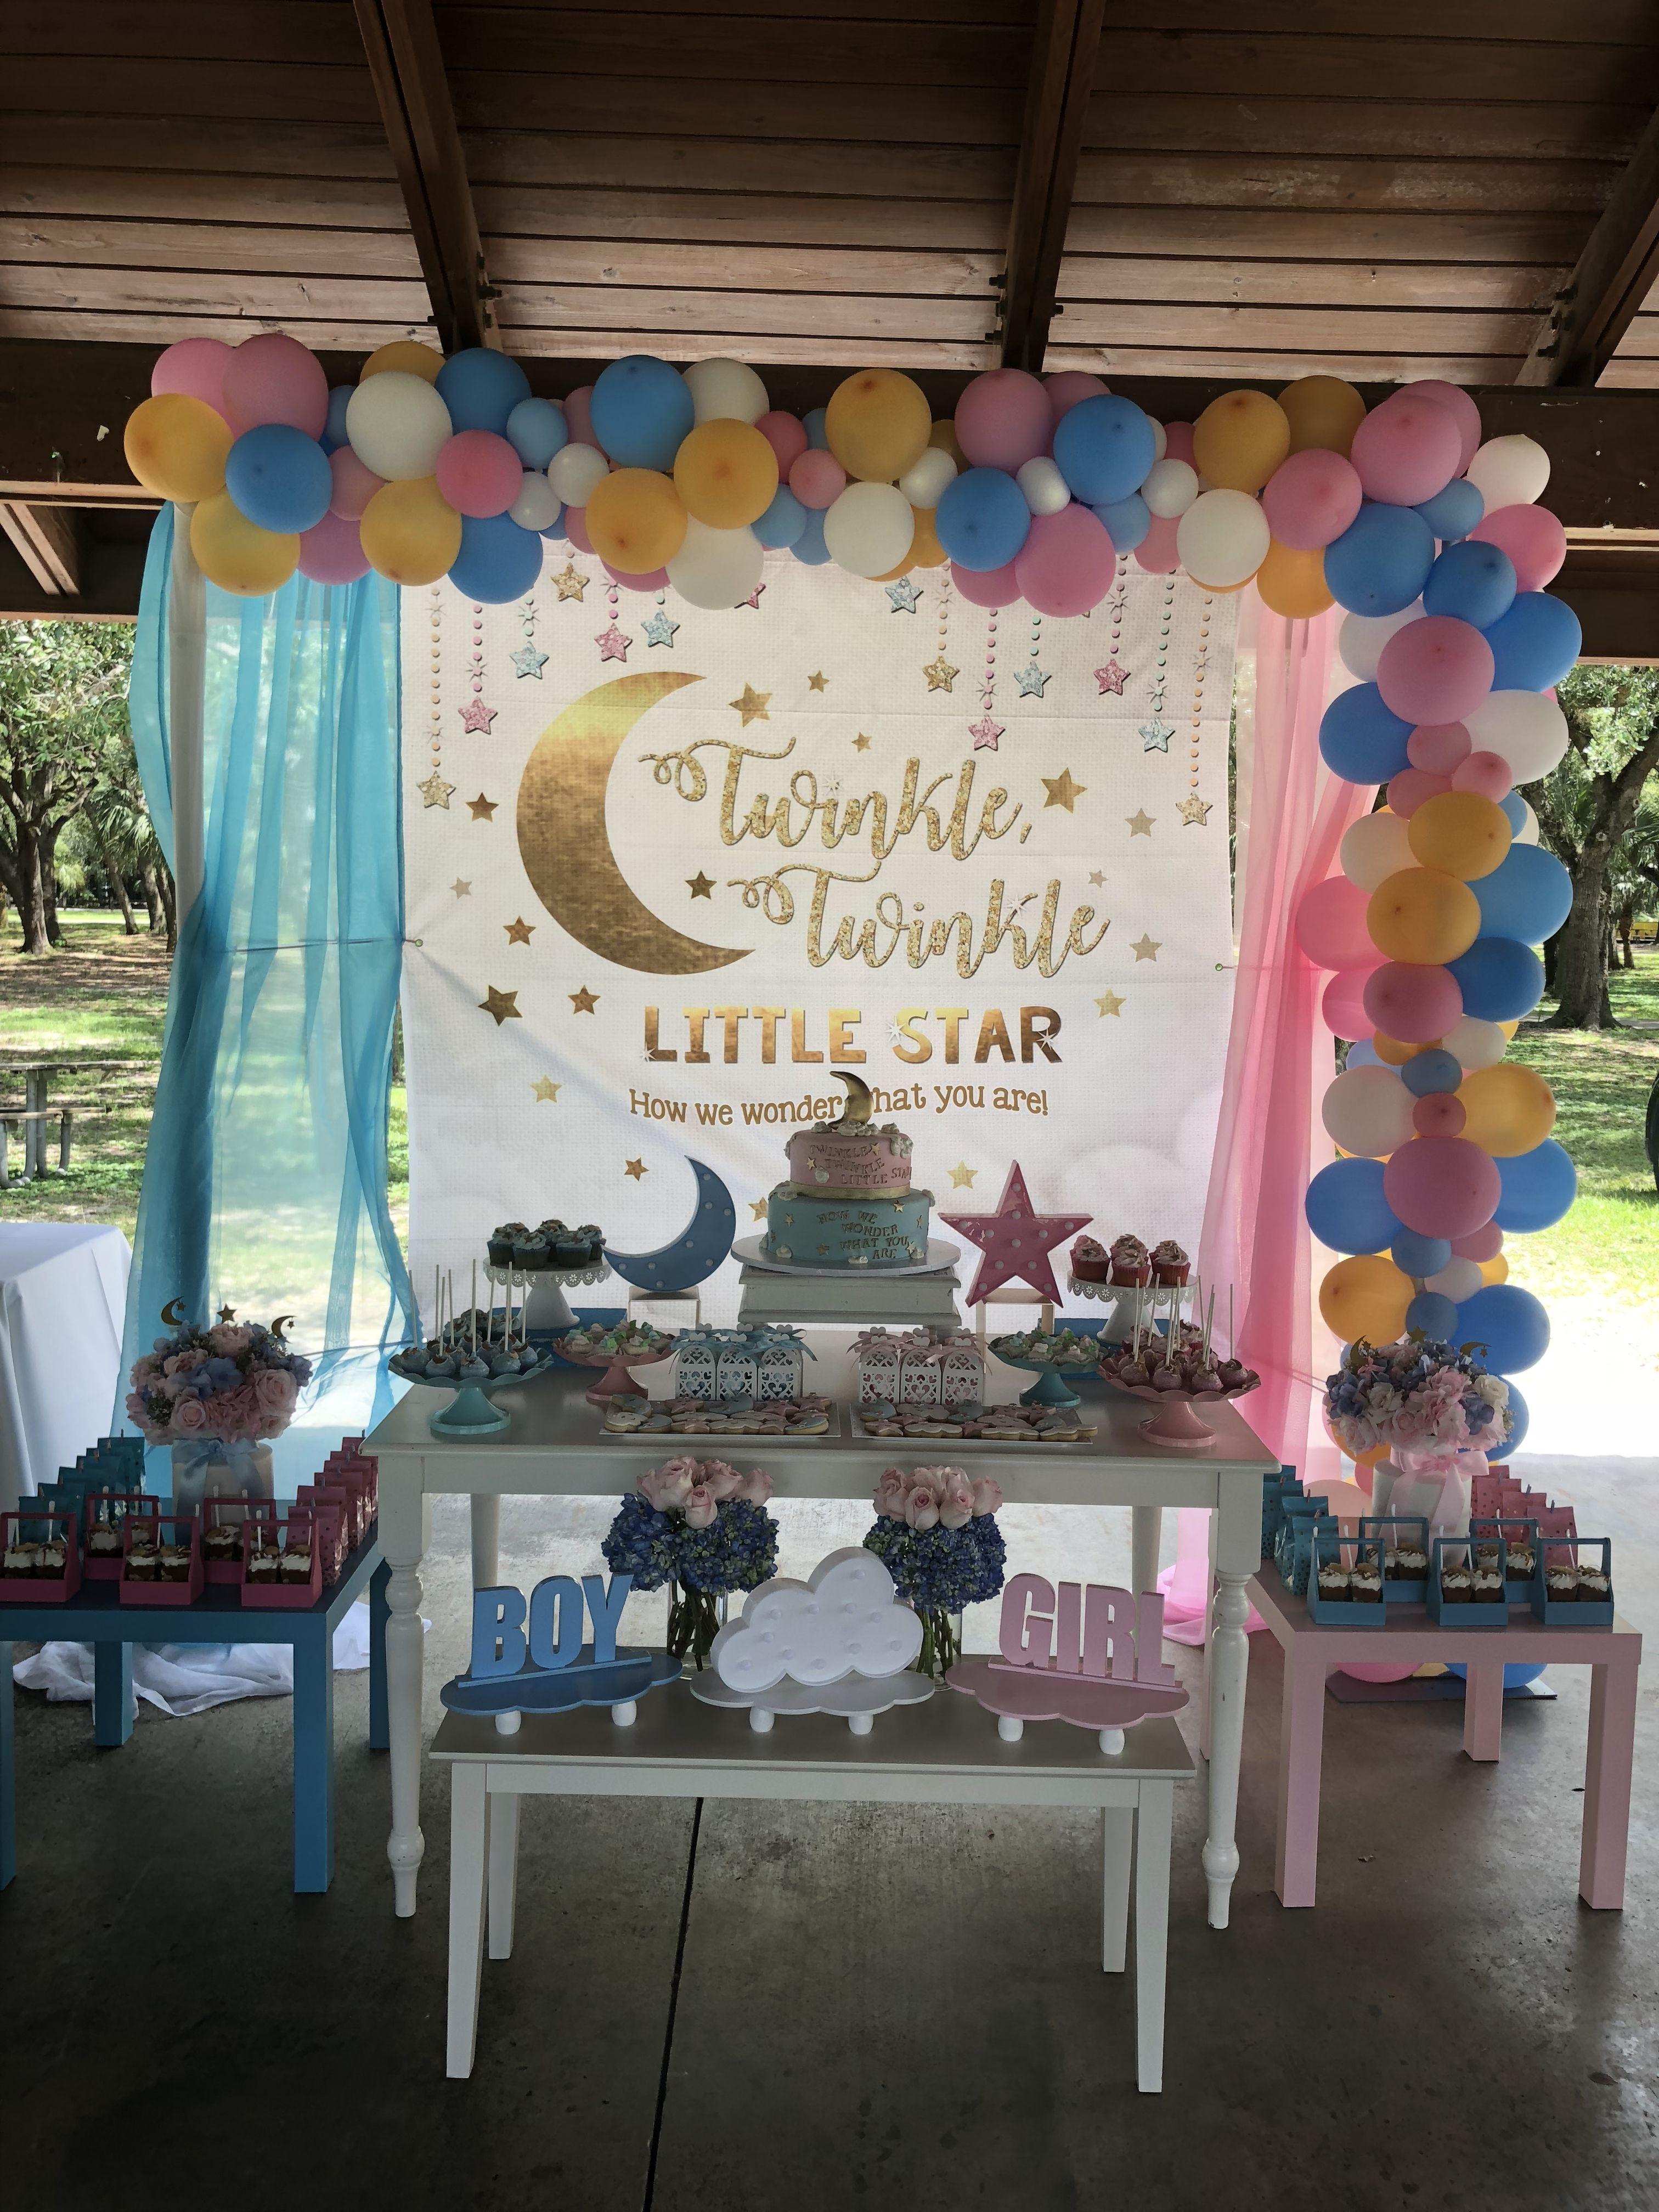 Twinkle Twinkle Little Star Gender Reveal Party Decorations Gender Reveal Party Games Gender Reveal Party